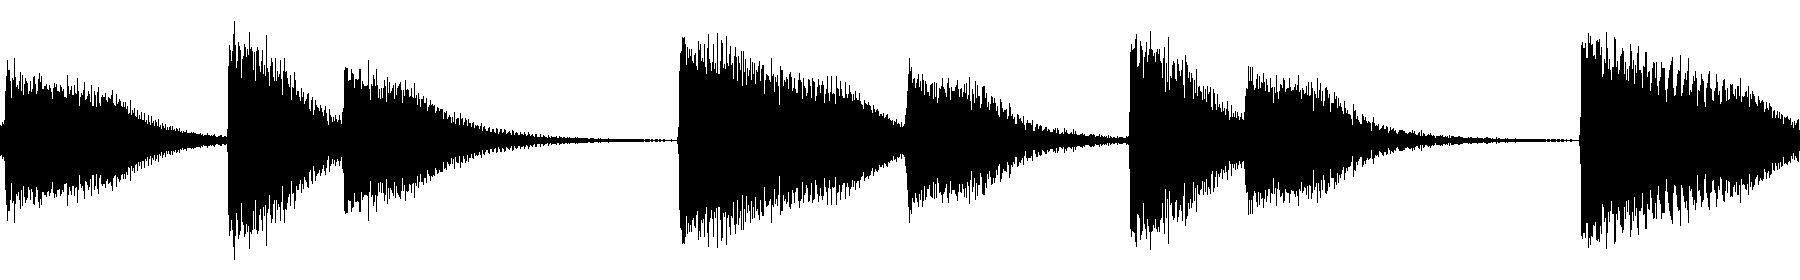 11 g 97bpmpiano1